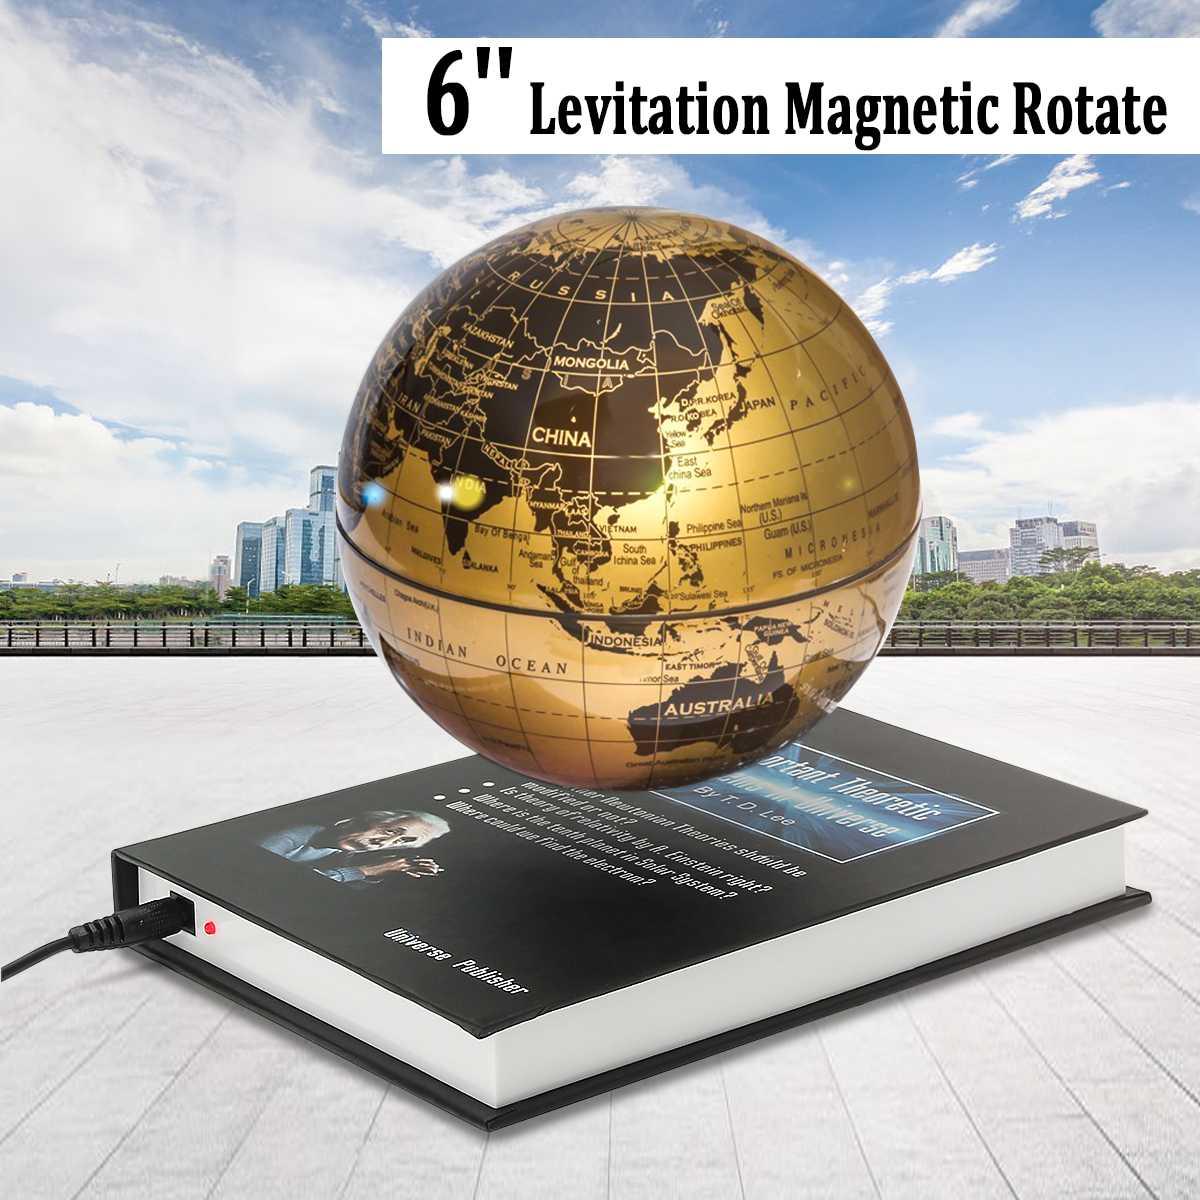 6 ''Home Office Girar Globo Levitação Magnética Flutuante Levitating Terra Mapa Artesanato para Home Office Desktop Decoração